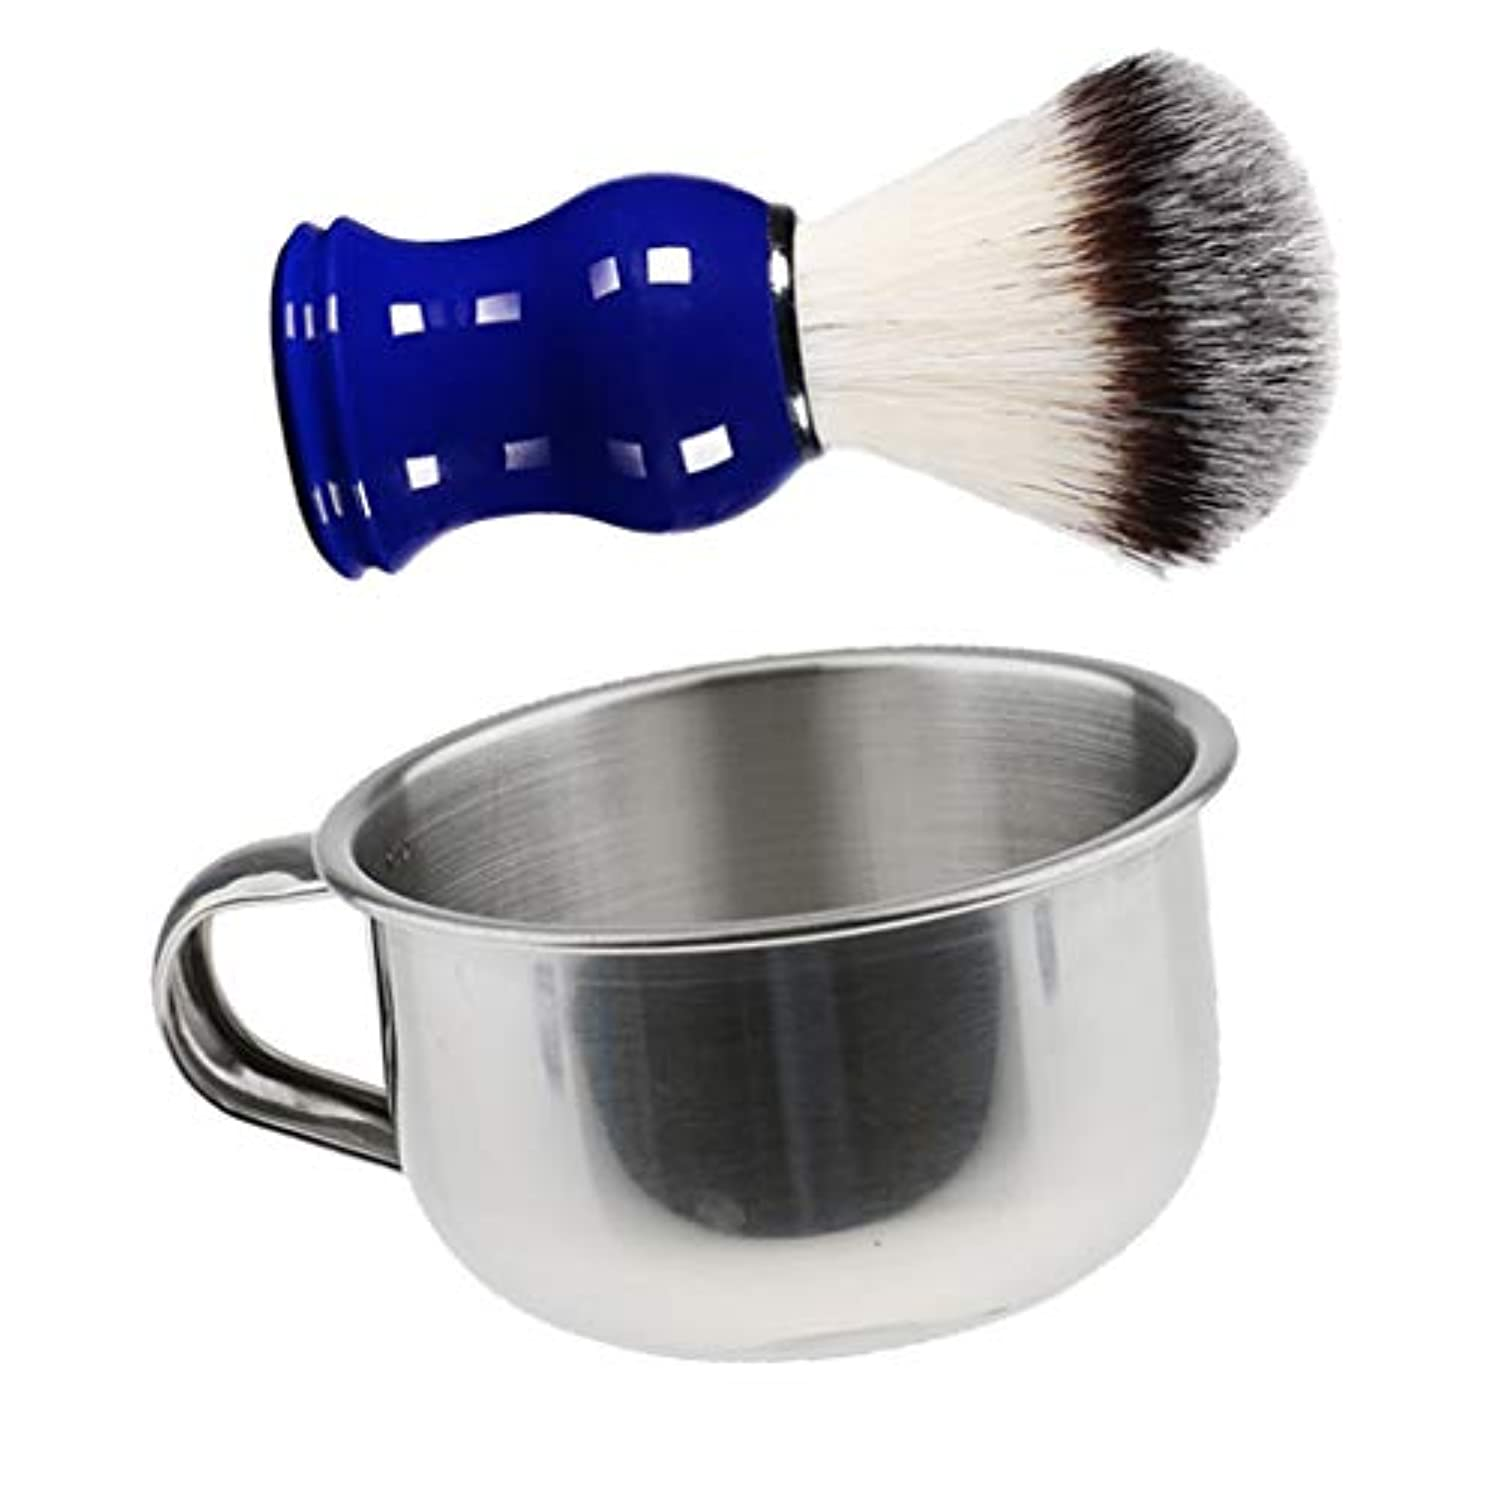 提供するクライストチャーチ収穫sharprepublic メンズ シェービング マグ ボウル ステンレス製 シェービング用ブラシ 理容 洗顔 髭剃り 贈り物